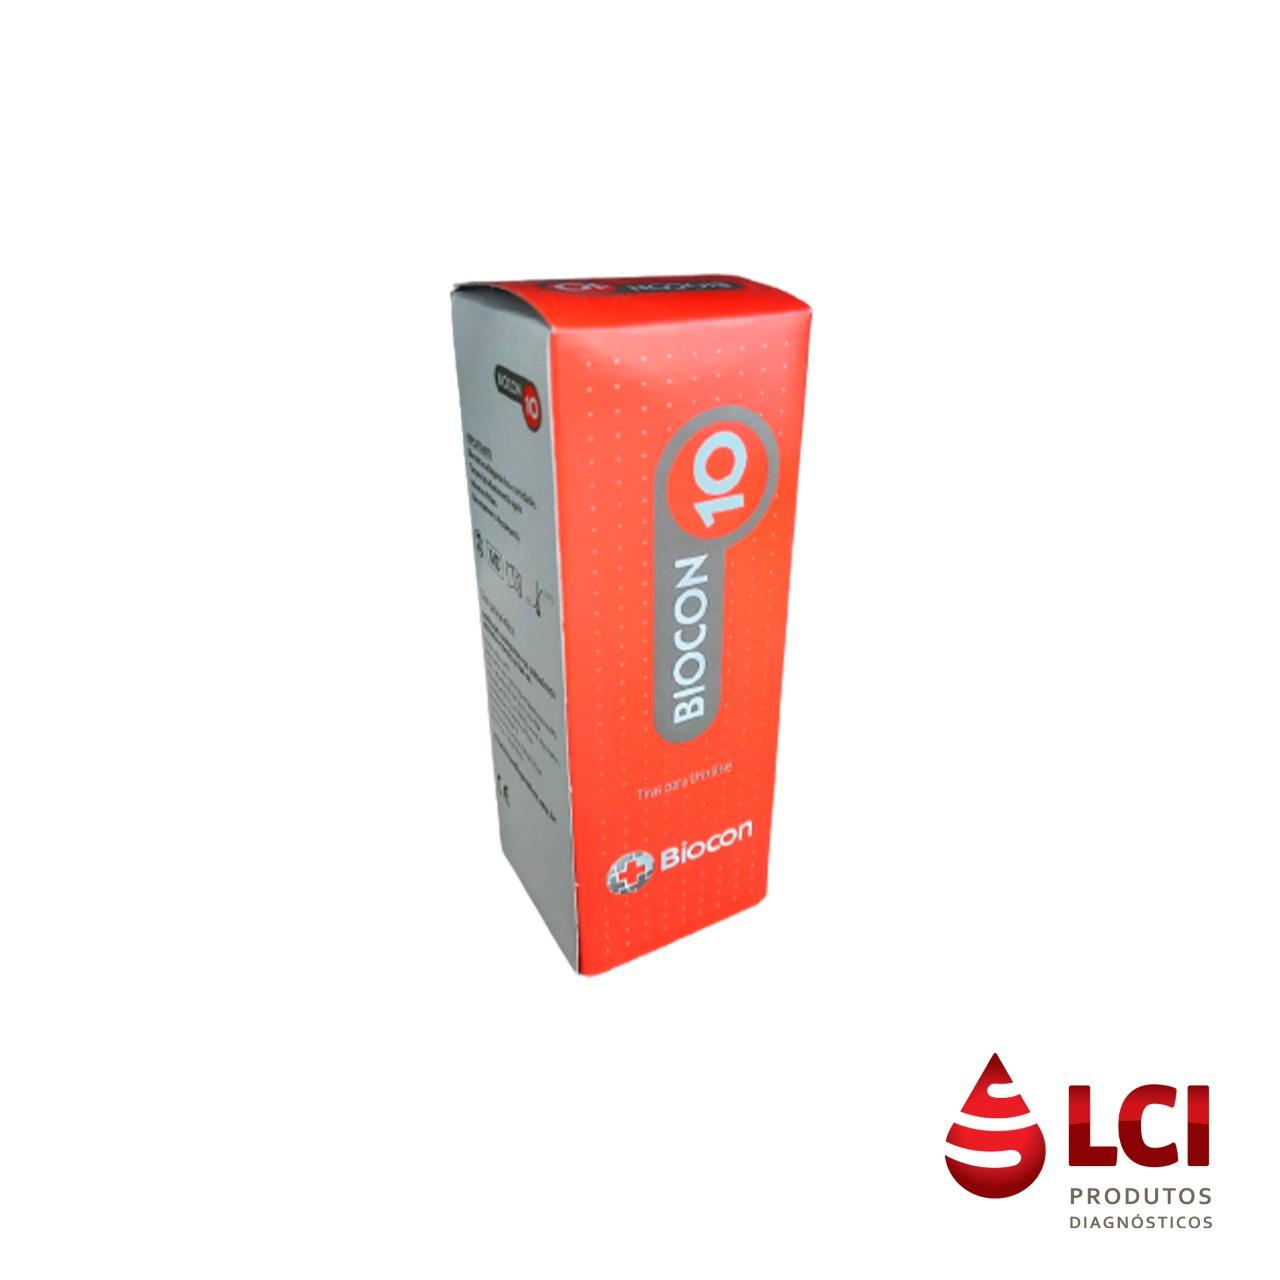 Tira de Urina para Biocon Reader com 150 tiras